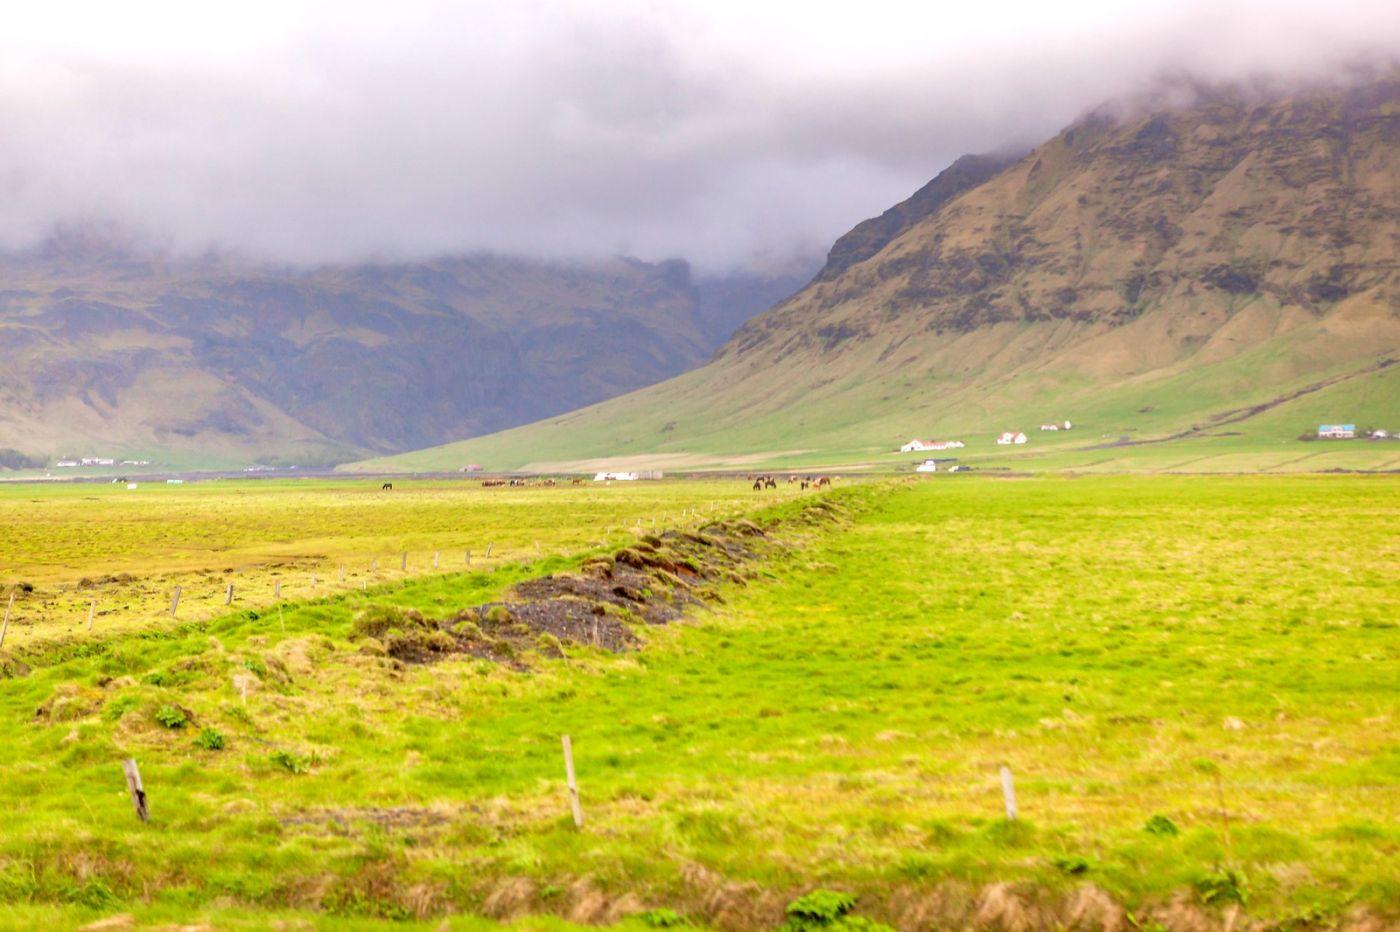 冰岛风采,奇山怪石_图1-16